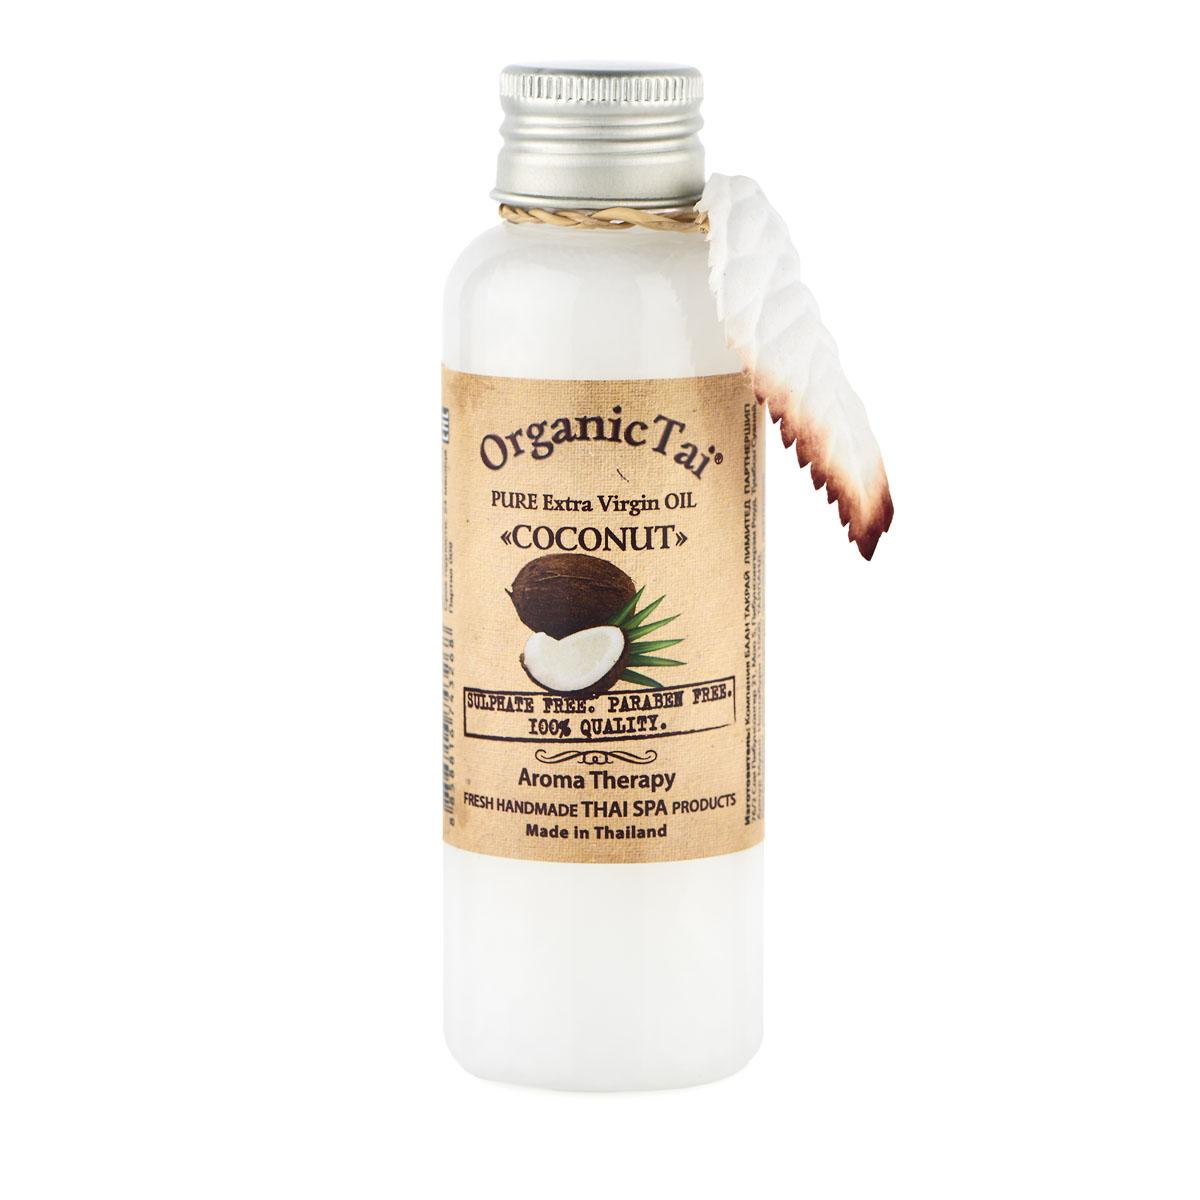 OrganicTai Чистое базовое масло КОКОСА холодного отжима, 120 млFS-00610РУЧНАЯ РАБОТА. ТАЙСКИЙ SPA. АРОМАТЕРАПИЯ. Мастера тайского массажа применяют это масло с давних времен. Идеально подходит для основного ухода за кожей, волосами и для массажа. Волосы укрепляет и питает, придавая им естественный блеск и шелковистость. Служит отличным закрепляющим средством для окрашенных волос, является активным антиоксидантом, предотвращающим преждевременное старение кожи. КОКОСОВОЕ масло — это природный УФ-фильтр, защищает кожу и волосы от интенсивного ультрафиолетового излучения, позволяет избежать солнечных ожогов и получить равномерный красивый загар на долгое время. Массаж способствует более активному проникновению незаменимых полиненасыщенных жирных кислот КОКОСОВОГО МАСЛА в глубокие слои кожи, усиливая его питательные, защитные и омолаживающие свойства. Регулярное применение этого масла с легким приятным тропическим ароматом свежеразломленного кокоса подарит Вашей коже сияние молодостью и красотой. AromaTherapy FRESH HANDMADE THAI SPA PRODUCTS. SULPHATE FREE. PARABEN FREE. 100% QUALITY.